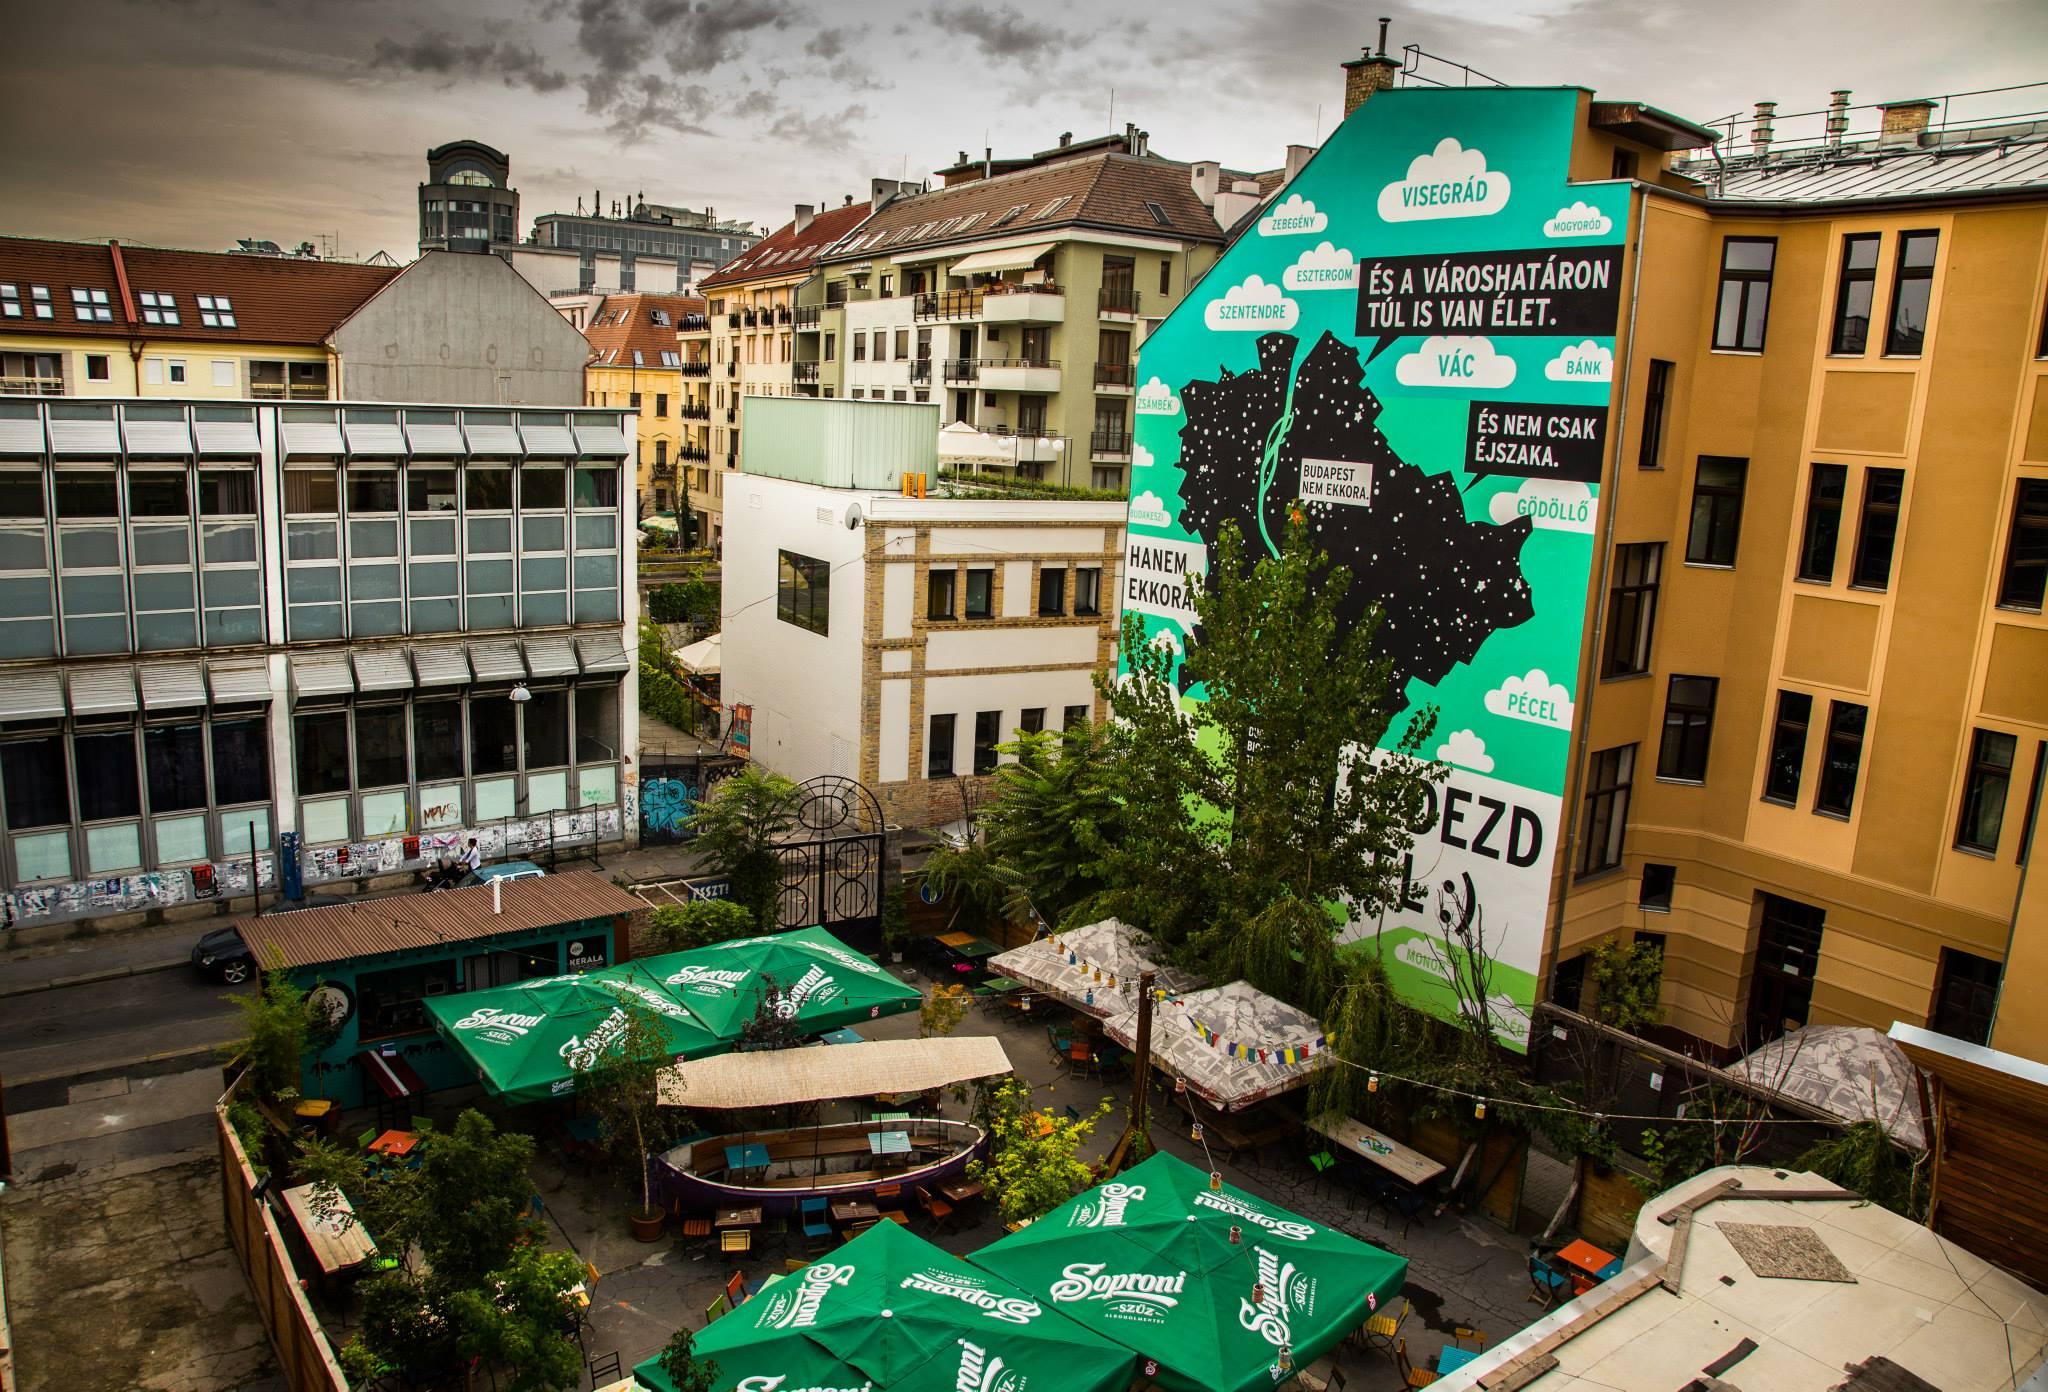 budapest romkocsma térkép A legjobb budapesti falfestmények egy térképen   Egy nap a városban budapest romkocsma térkép